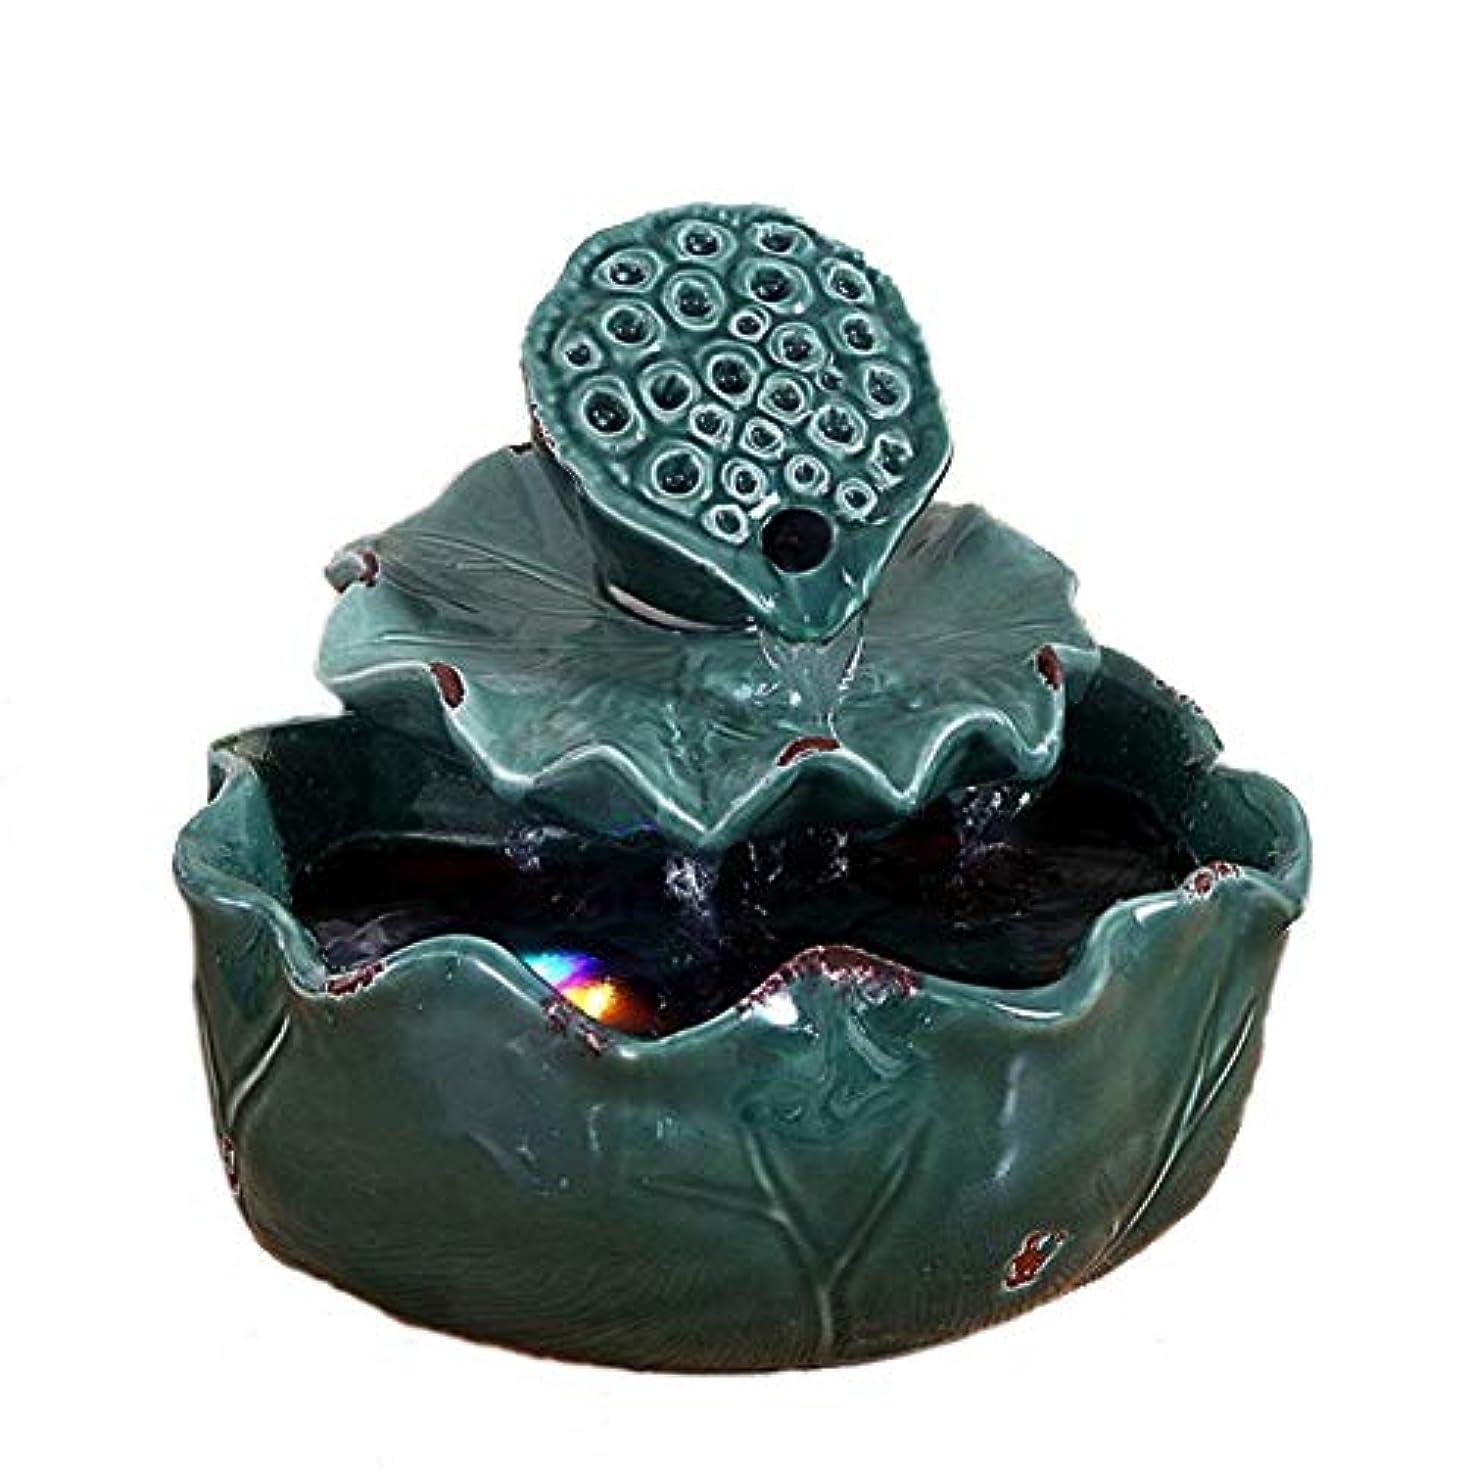 ブラウスキャラクター忙しい空気加湿器クリエイティブロータス卓上装飾装飾セラミック工芸絶妙なギフト